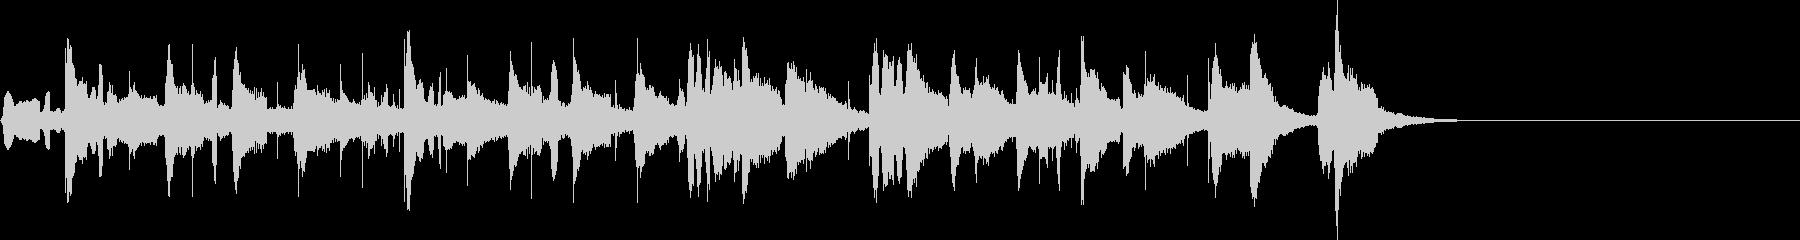 ハッピバースデー~タンゴ風の未再生の波形